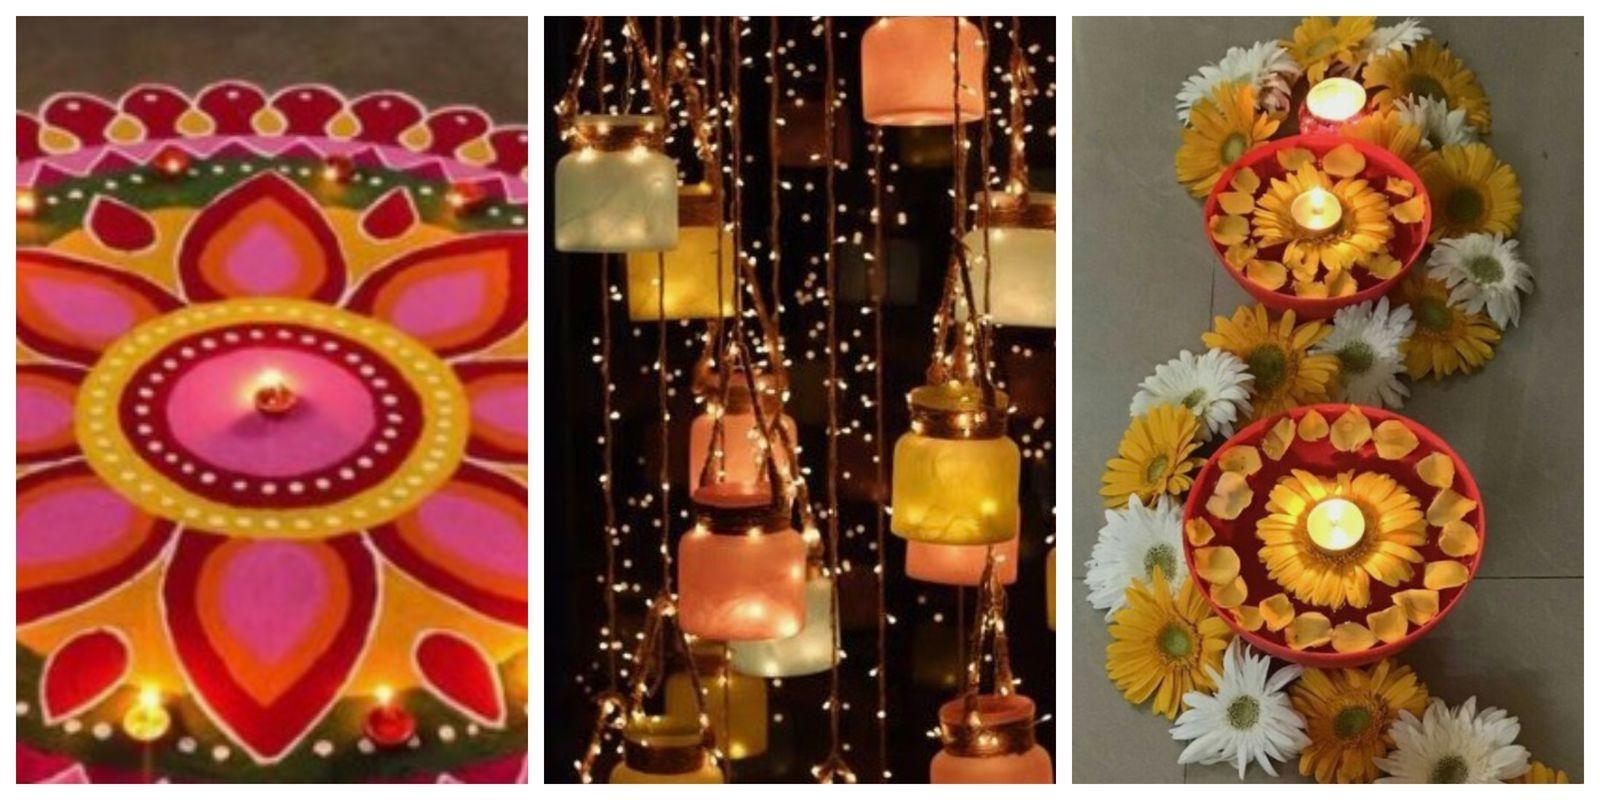 The Best Diwali Home Decoration Ideas Decorating Blogs Decorations Decor